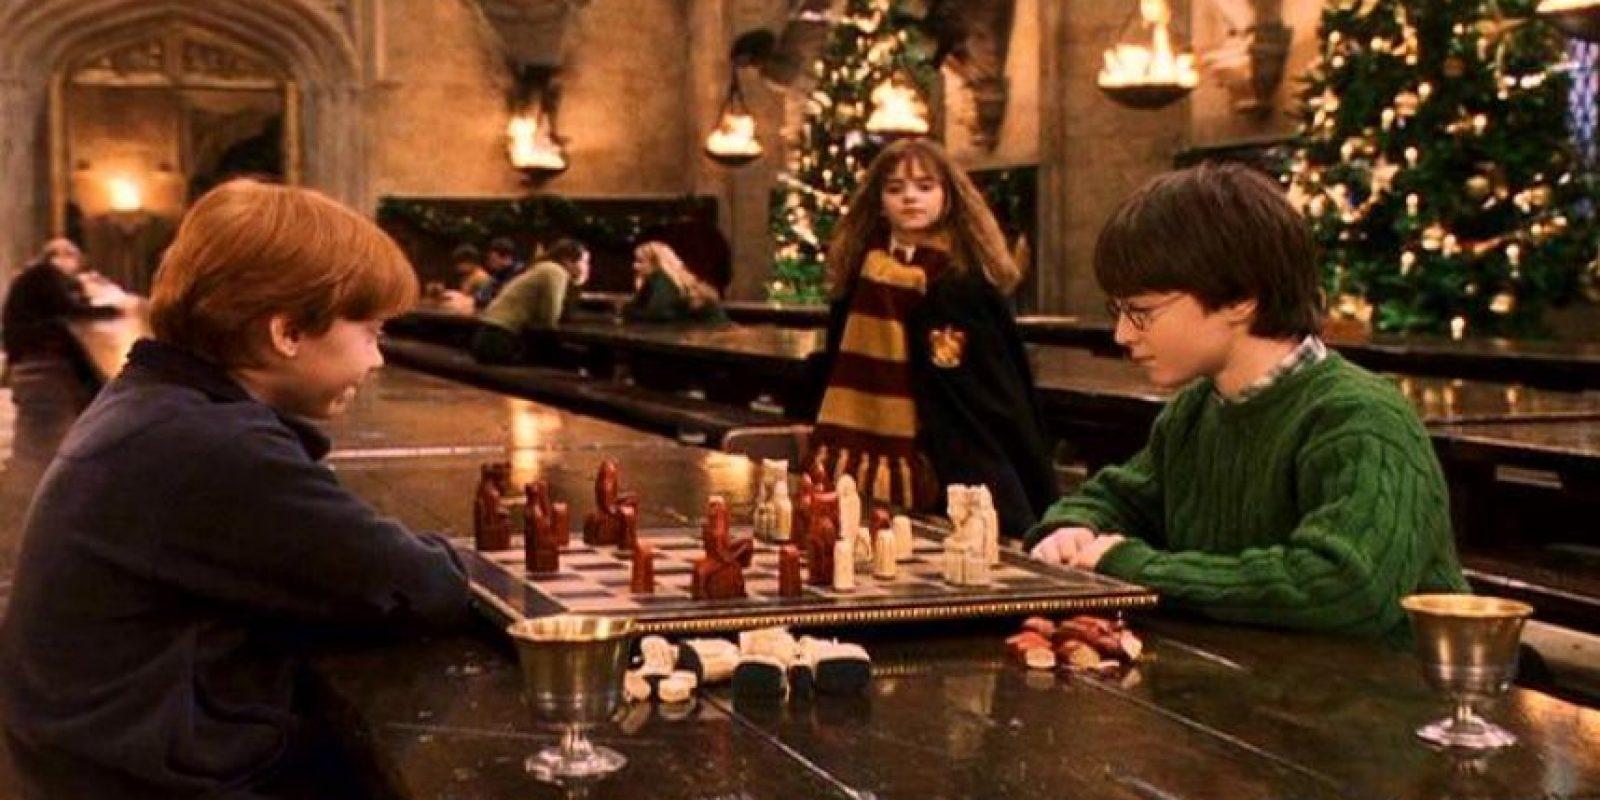 Las filmes de Harry Potter conforman una serie cinematográfica de 8 películas Foto:Warner Bros